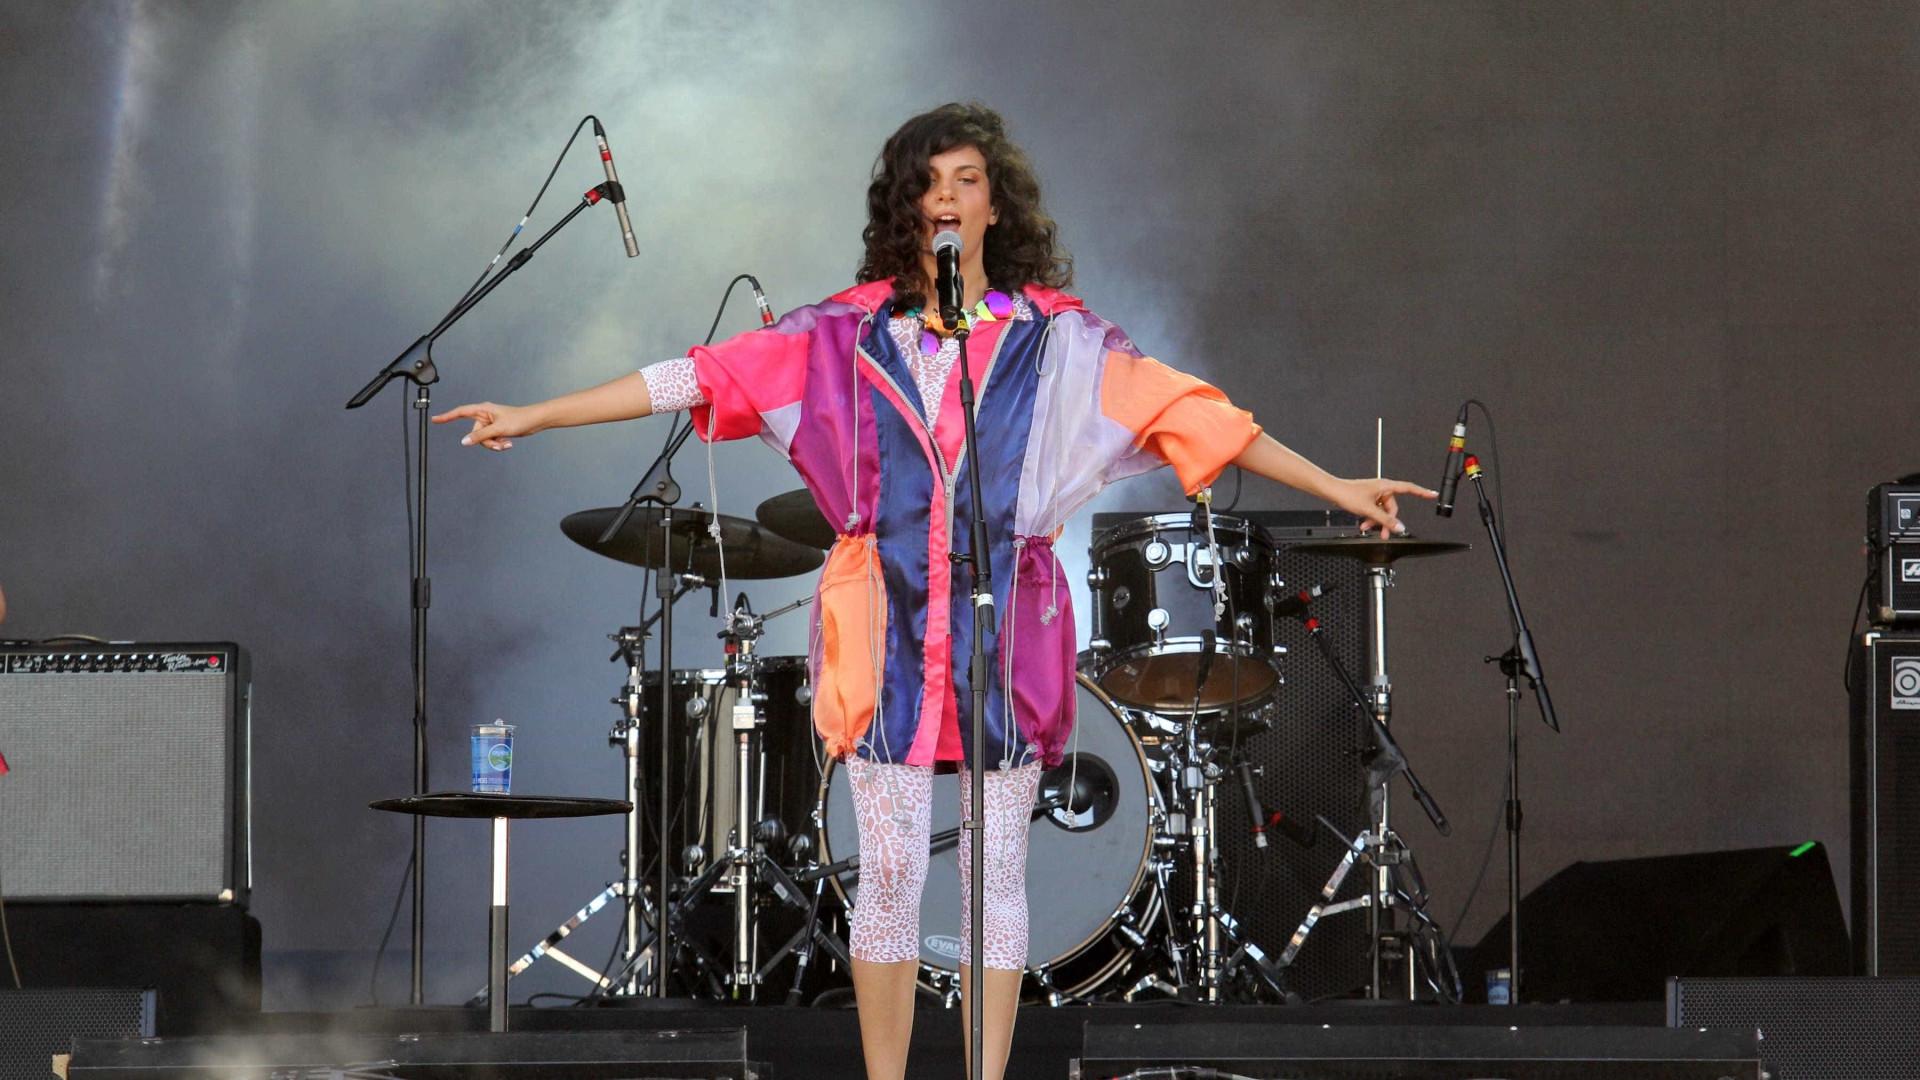 Rock in Rio acerta em cheio ao reunir a cantora Céu e Boogarins em show